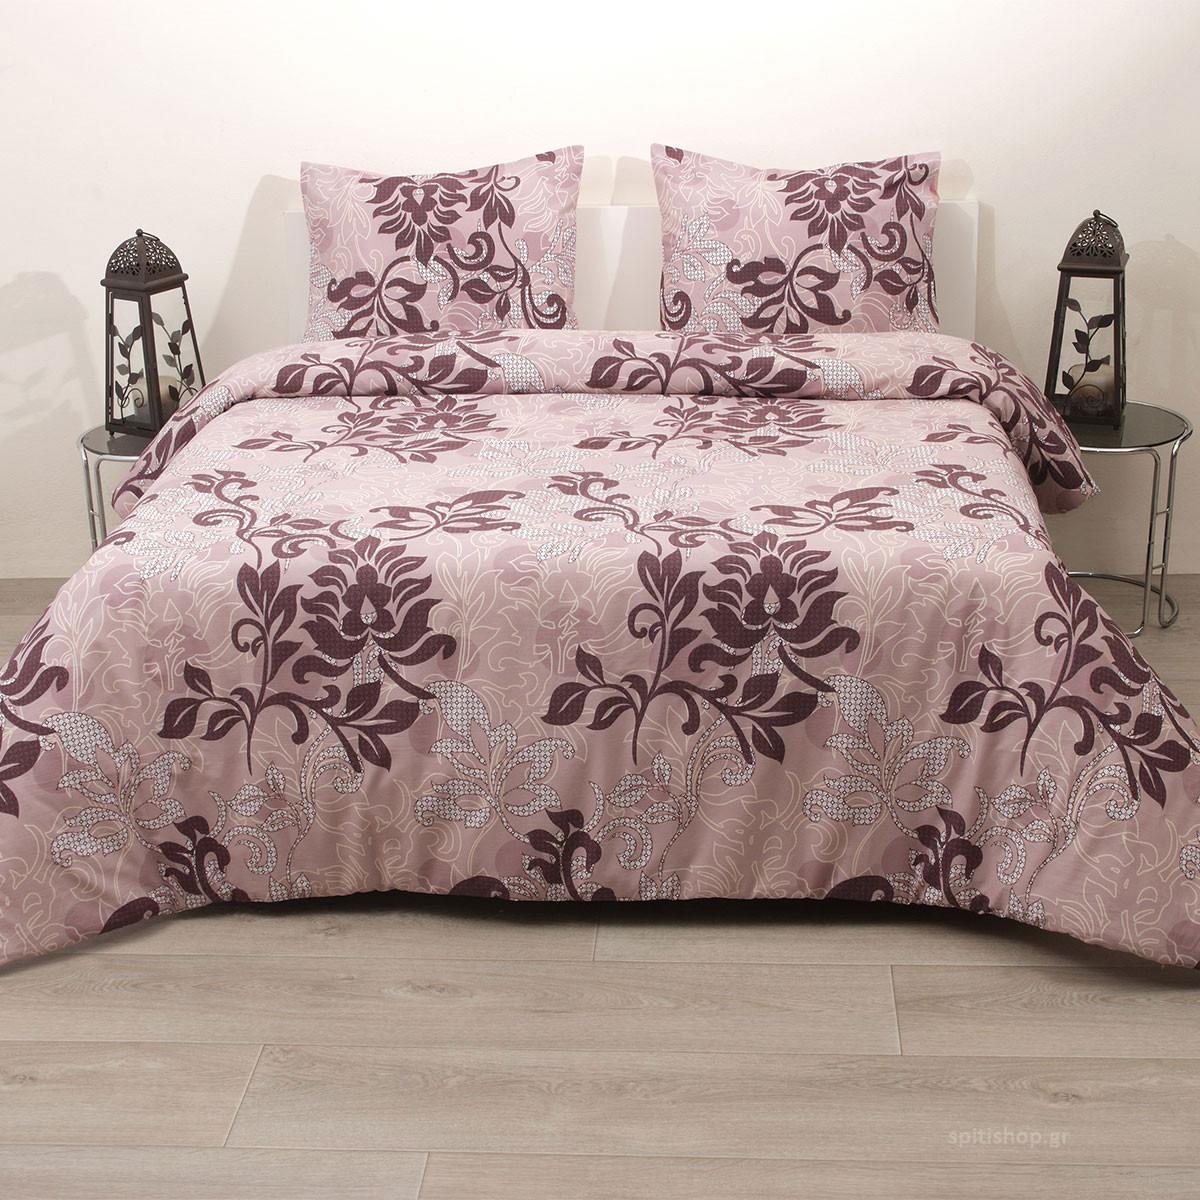 Πάπλωμα Ημίδιπλο (Σετ) Viopros Fresh Δάφνη home   κρεβατοκάμαρα   παπλώματα   παπλώματα ημίδιπλα   διπλά